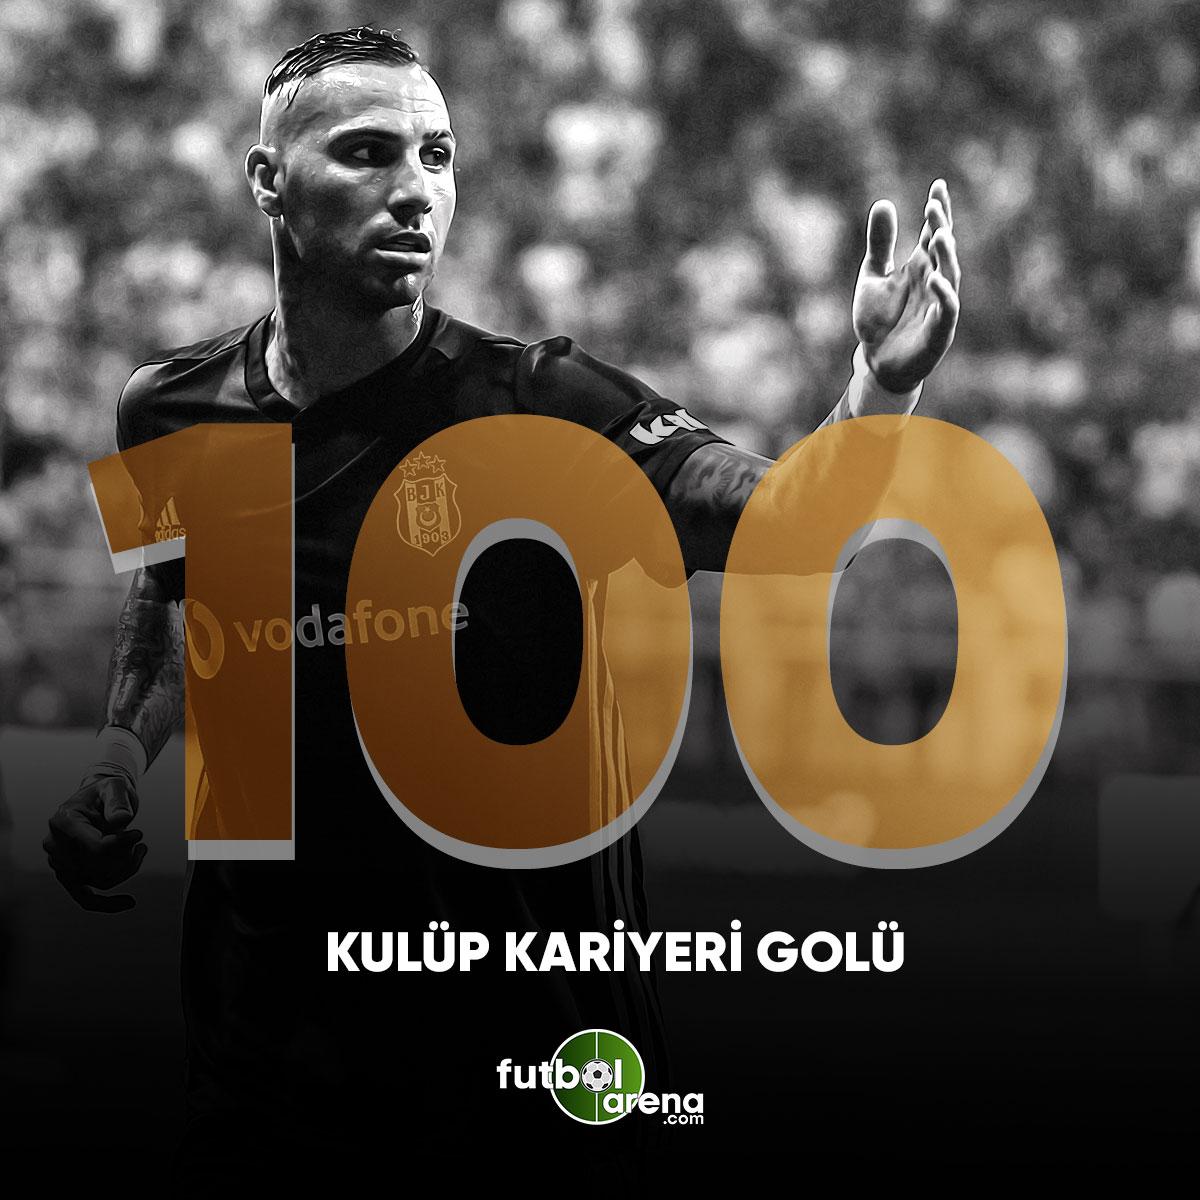 f3b1f57803 Kariyerinde önemli takımlarda forma giyen Ricardo Quaresma bu süreçte  çıktığı 593 karşılaşmada 100 gol atarak dalya dedi.